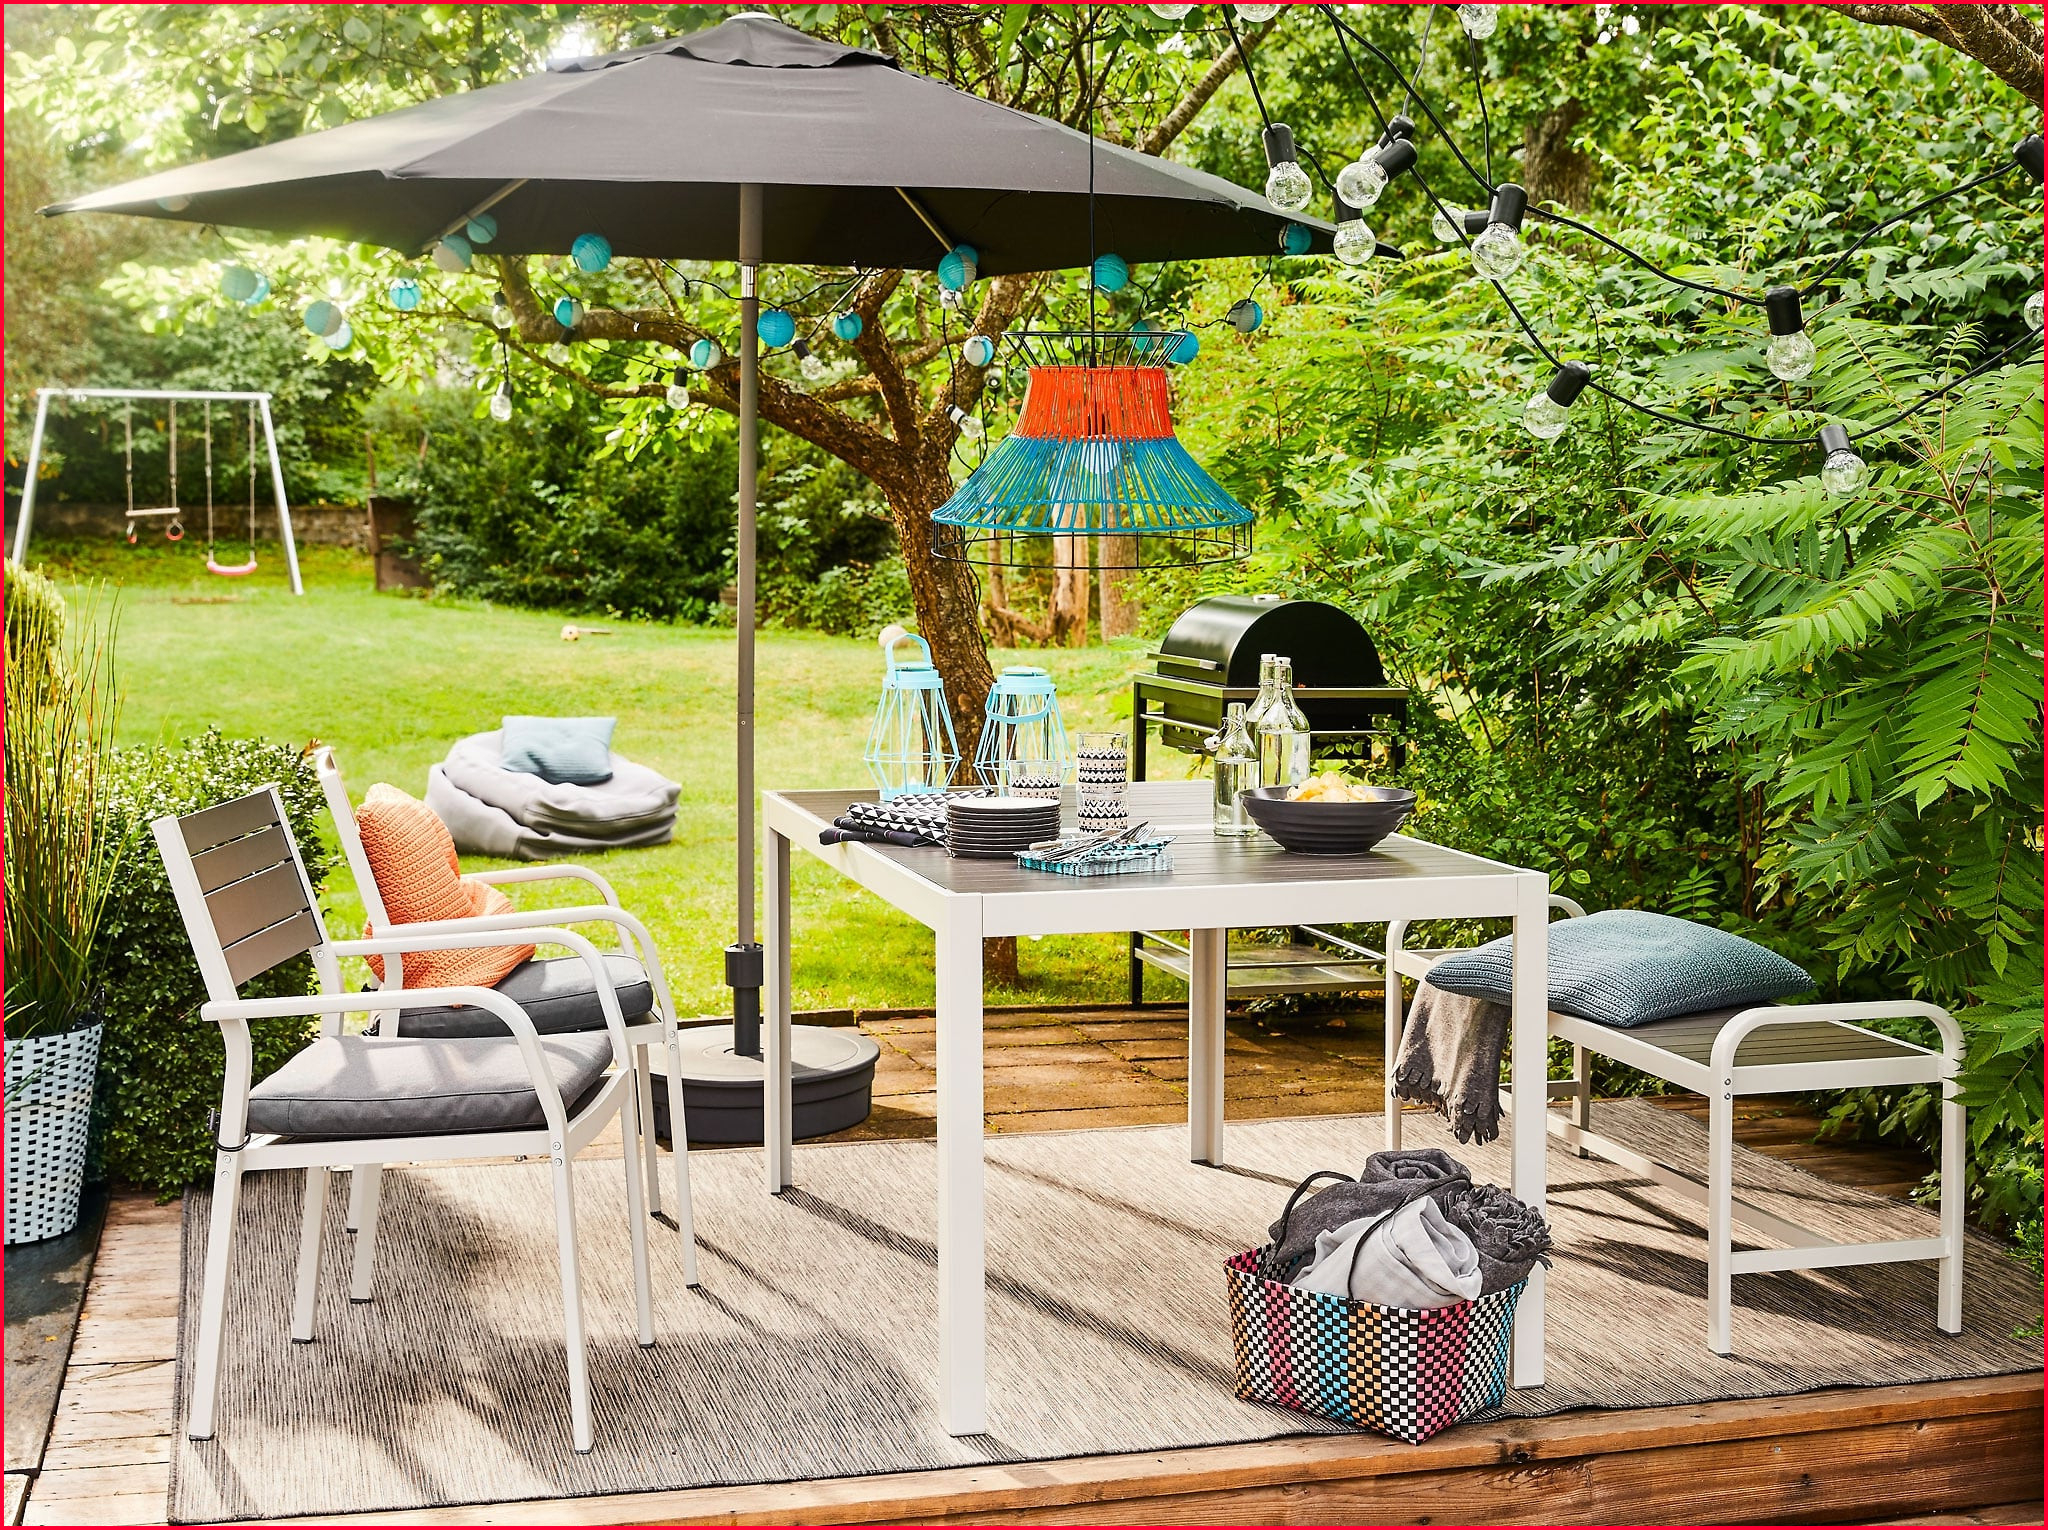 Ikea muebles de terraza 2 best armarios segunda mano for Conjunto de terraza ikea